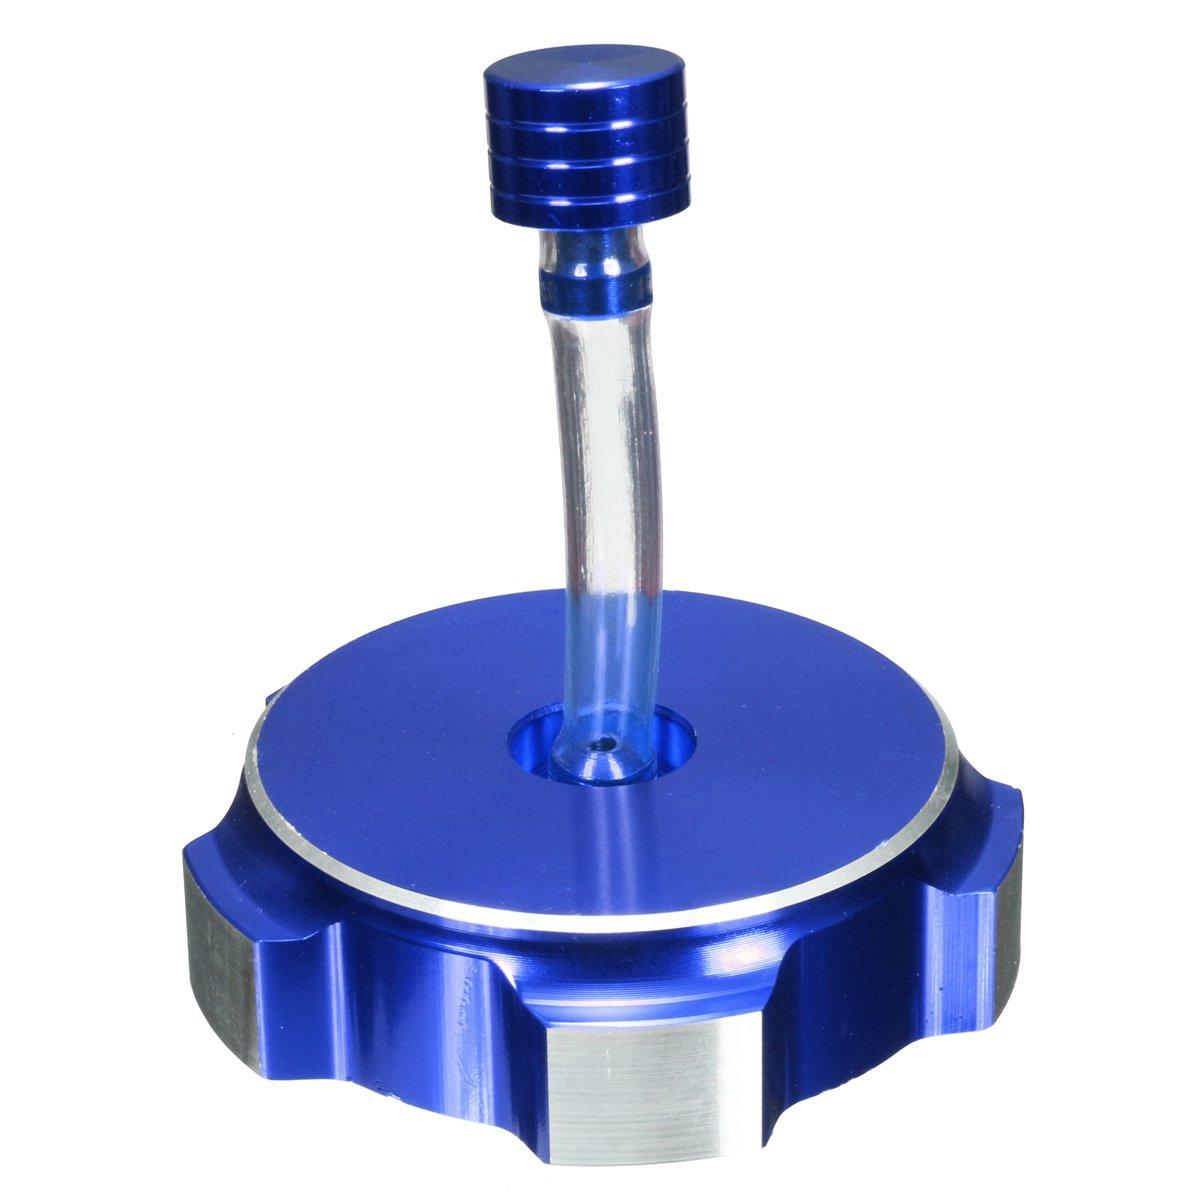 Alamor Alluminio Fuel Serbatoio Benzina Tappo Sfiato Per Pit Dirt Bike 50Cc 110Cc 125Cc-Blu